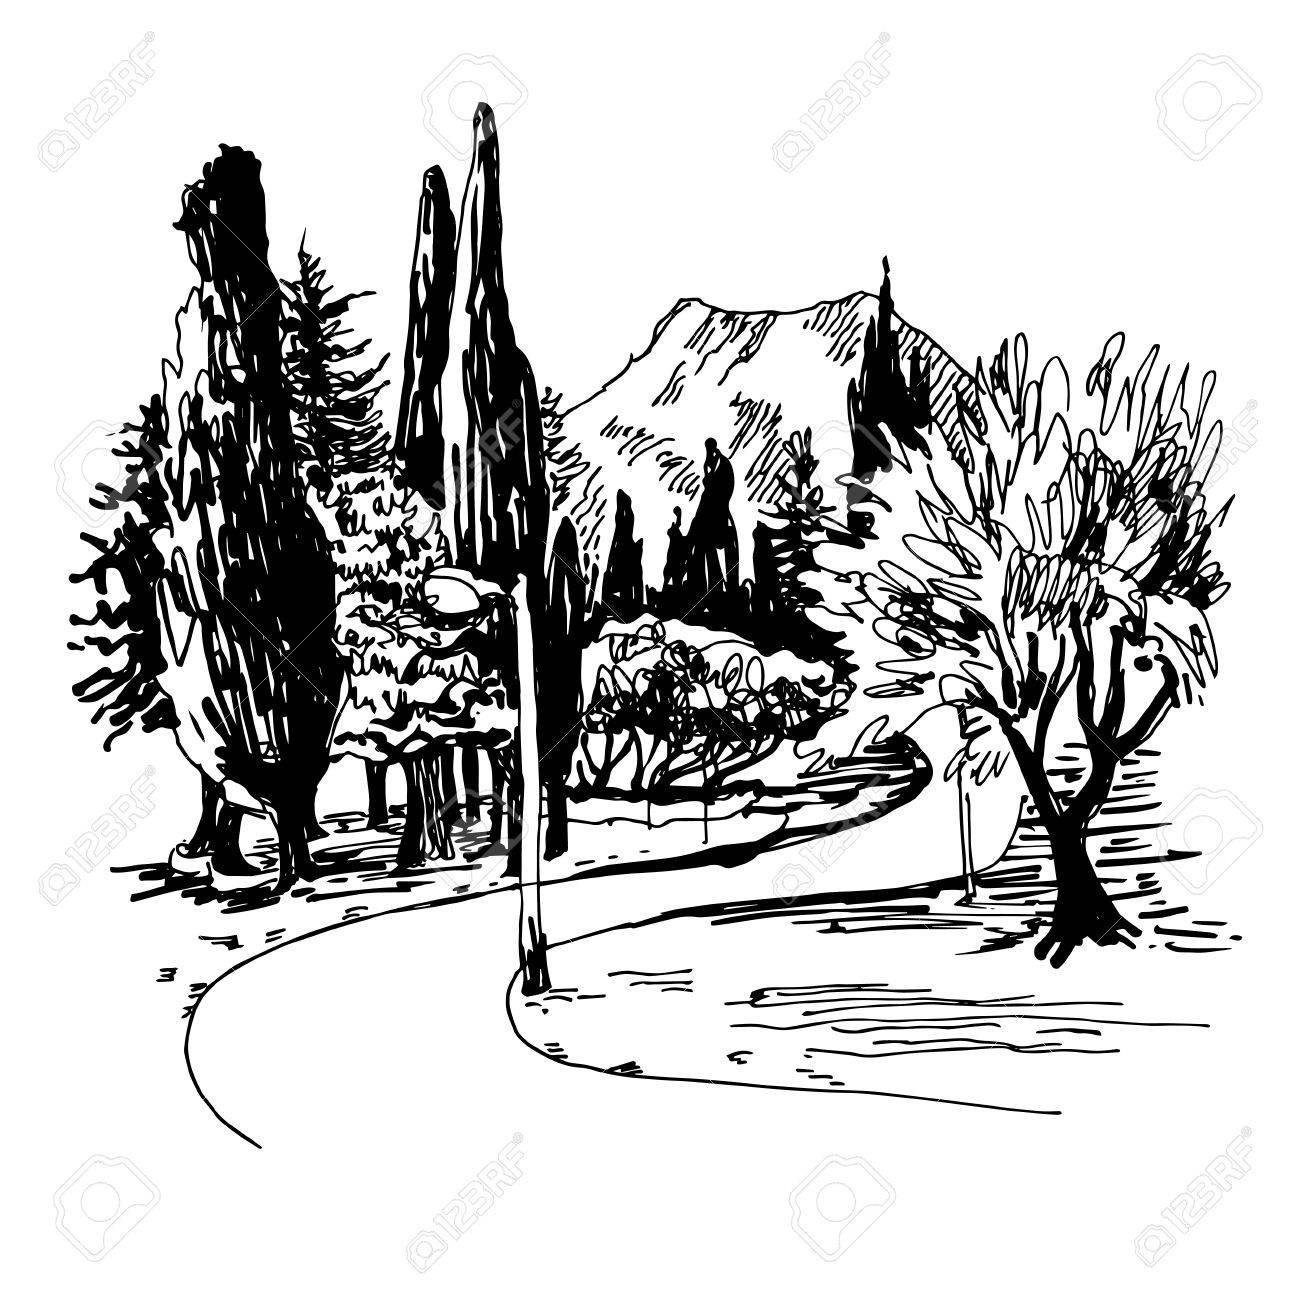 Dibujo Blanco Y Negro Del Parque De Vista Callejón Con árboles De